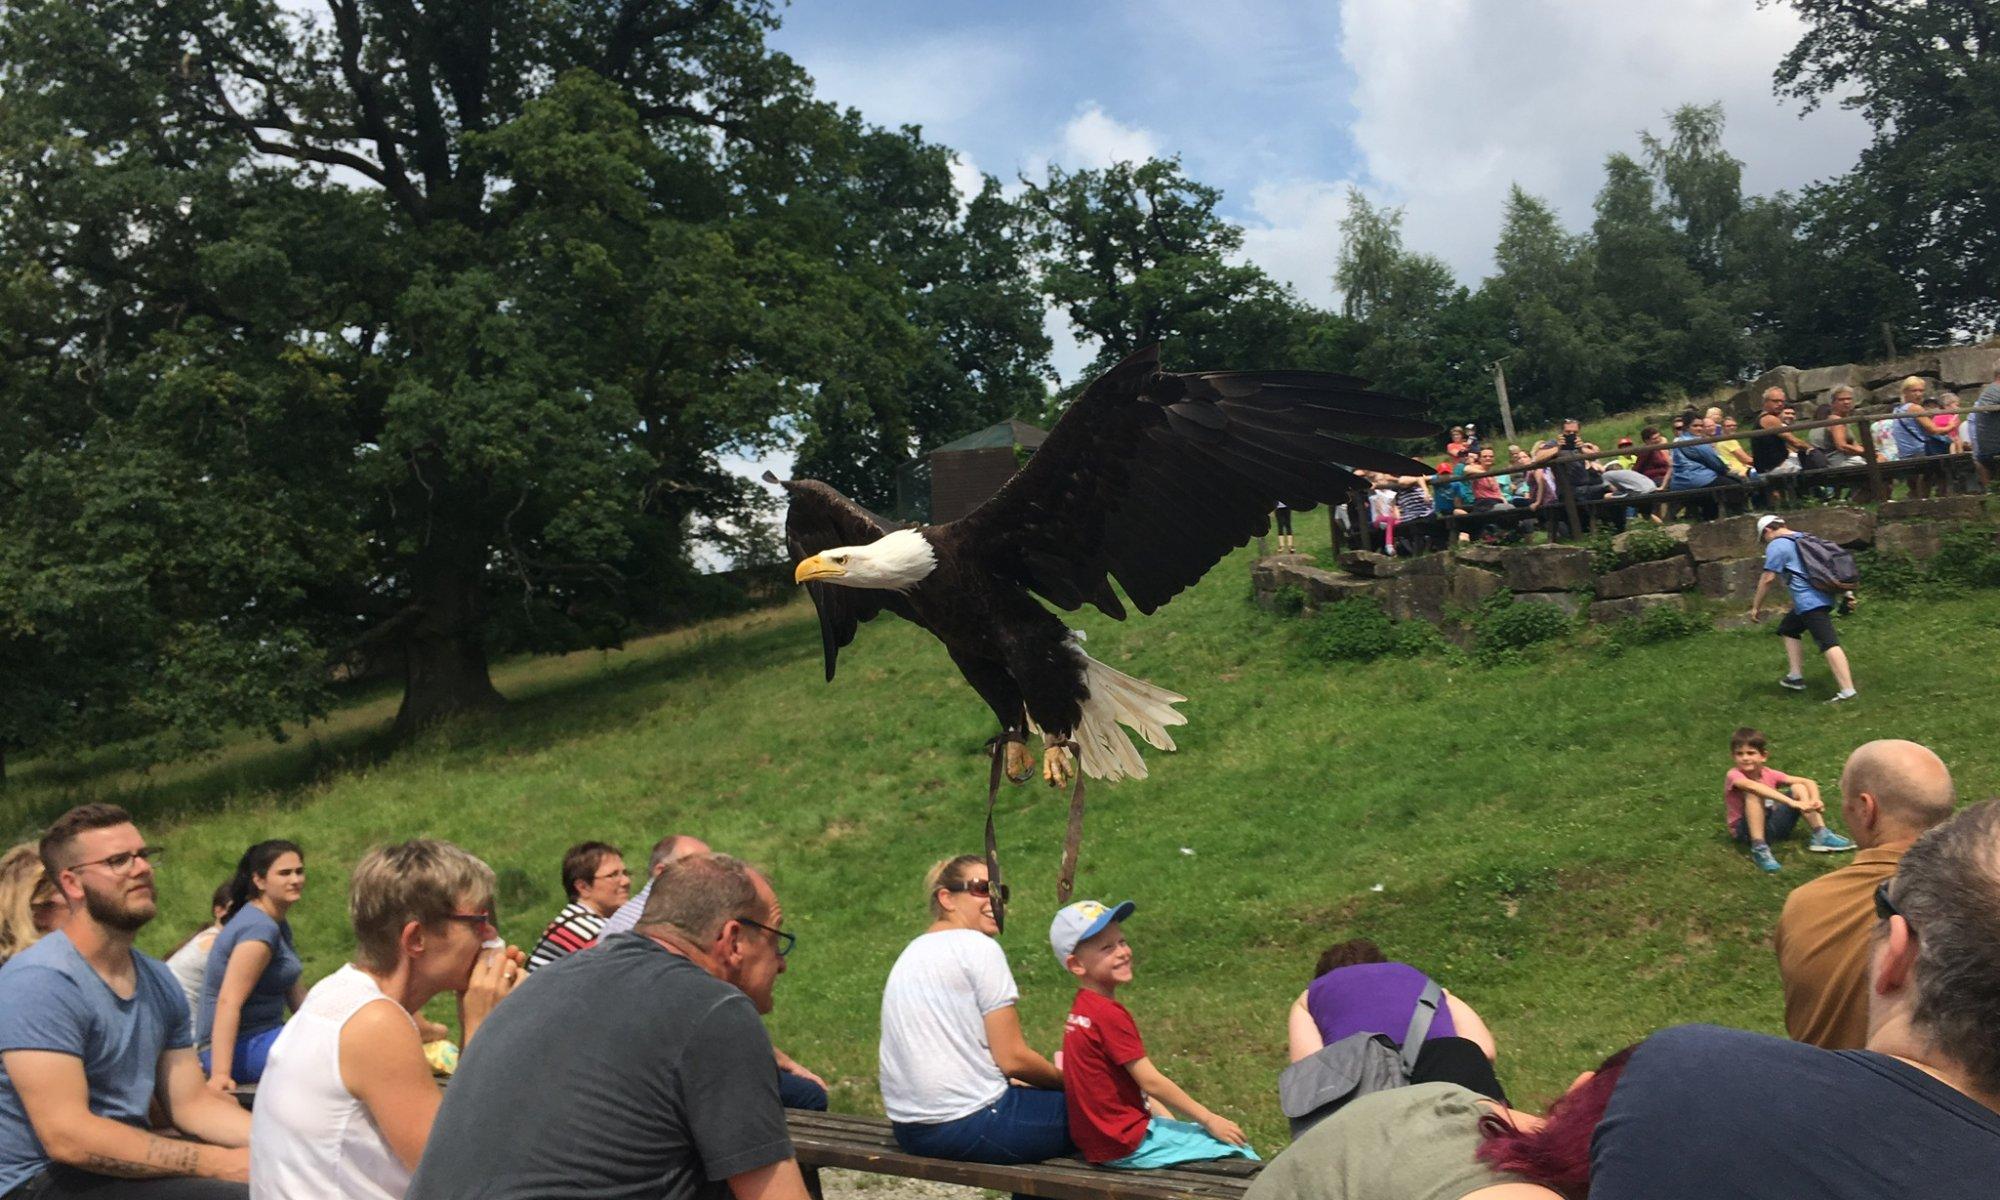 Bald eagle 'Joker', Sababurg, Hofgeismar, Germany